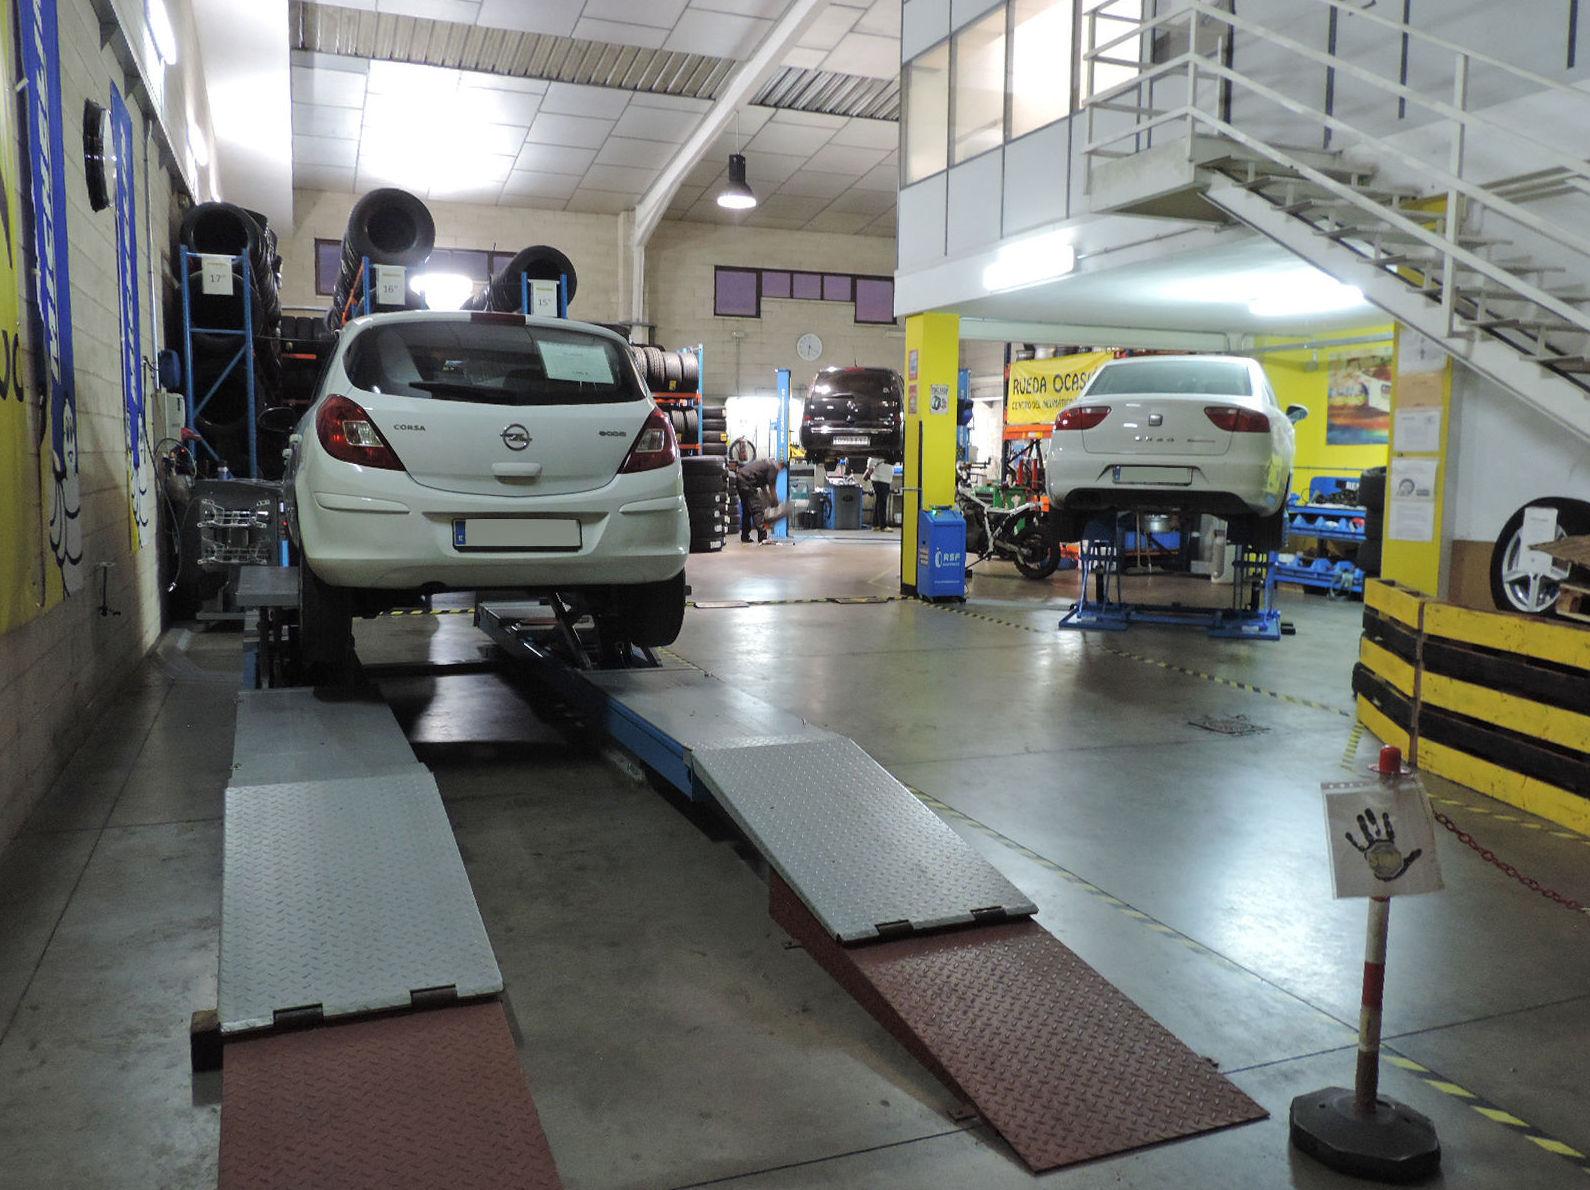 Taller de automóviles Rueda Ocasión en Colmenar Viejo Madrid